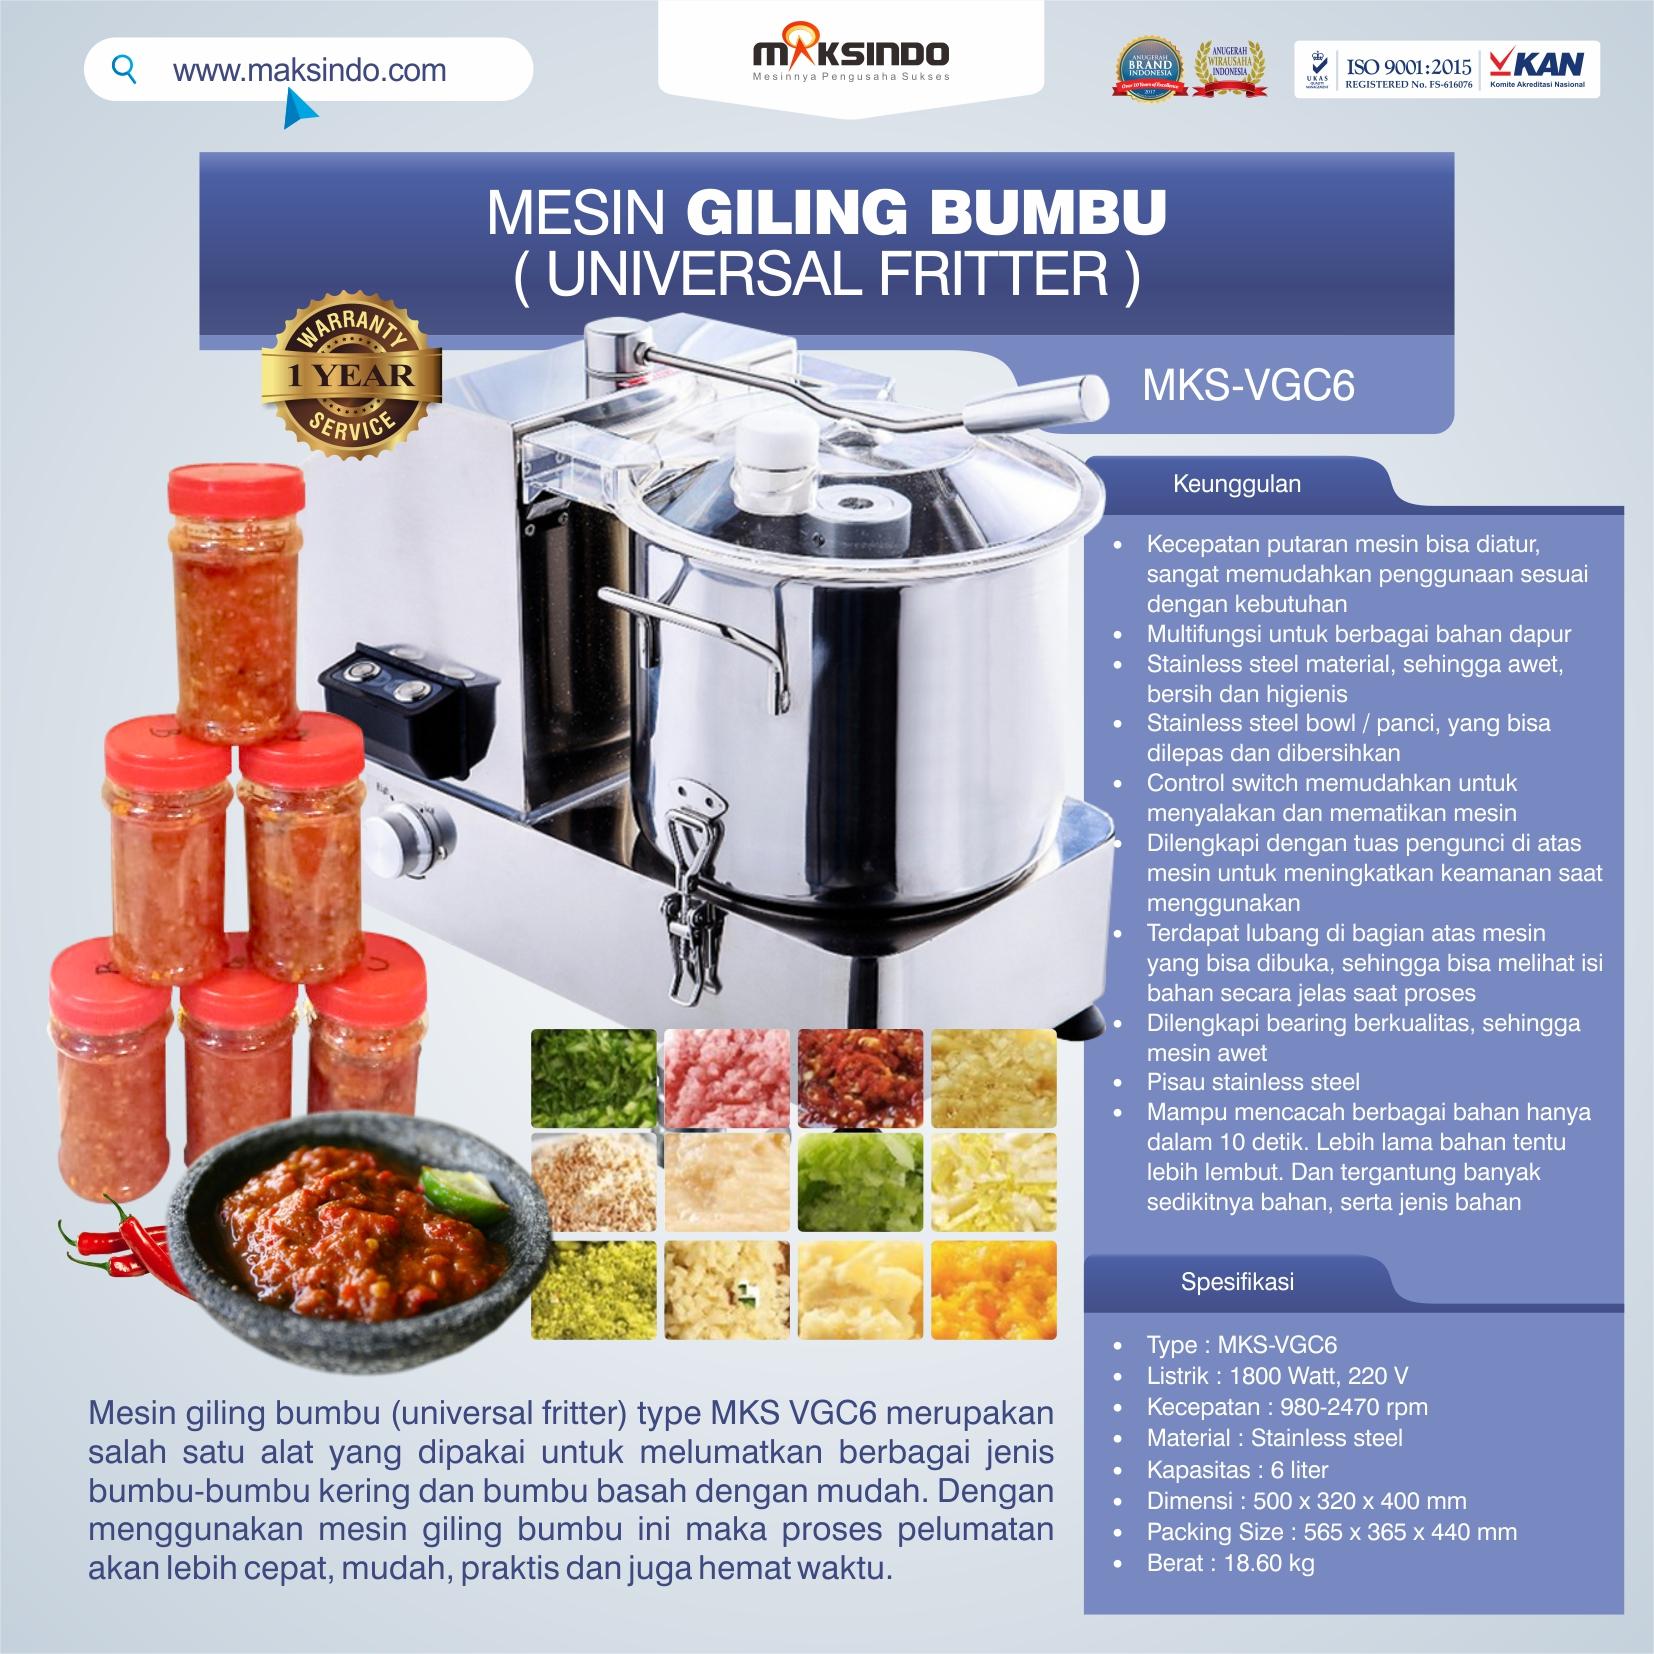 Jual Mesin Universal Fritter 6 liter (VGC6) di Bekasi